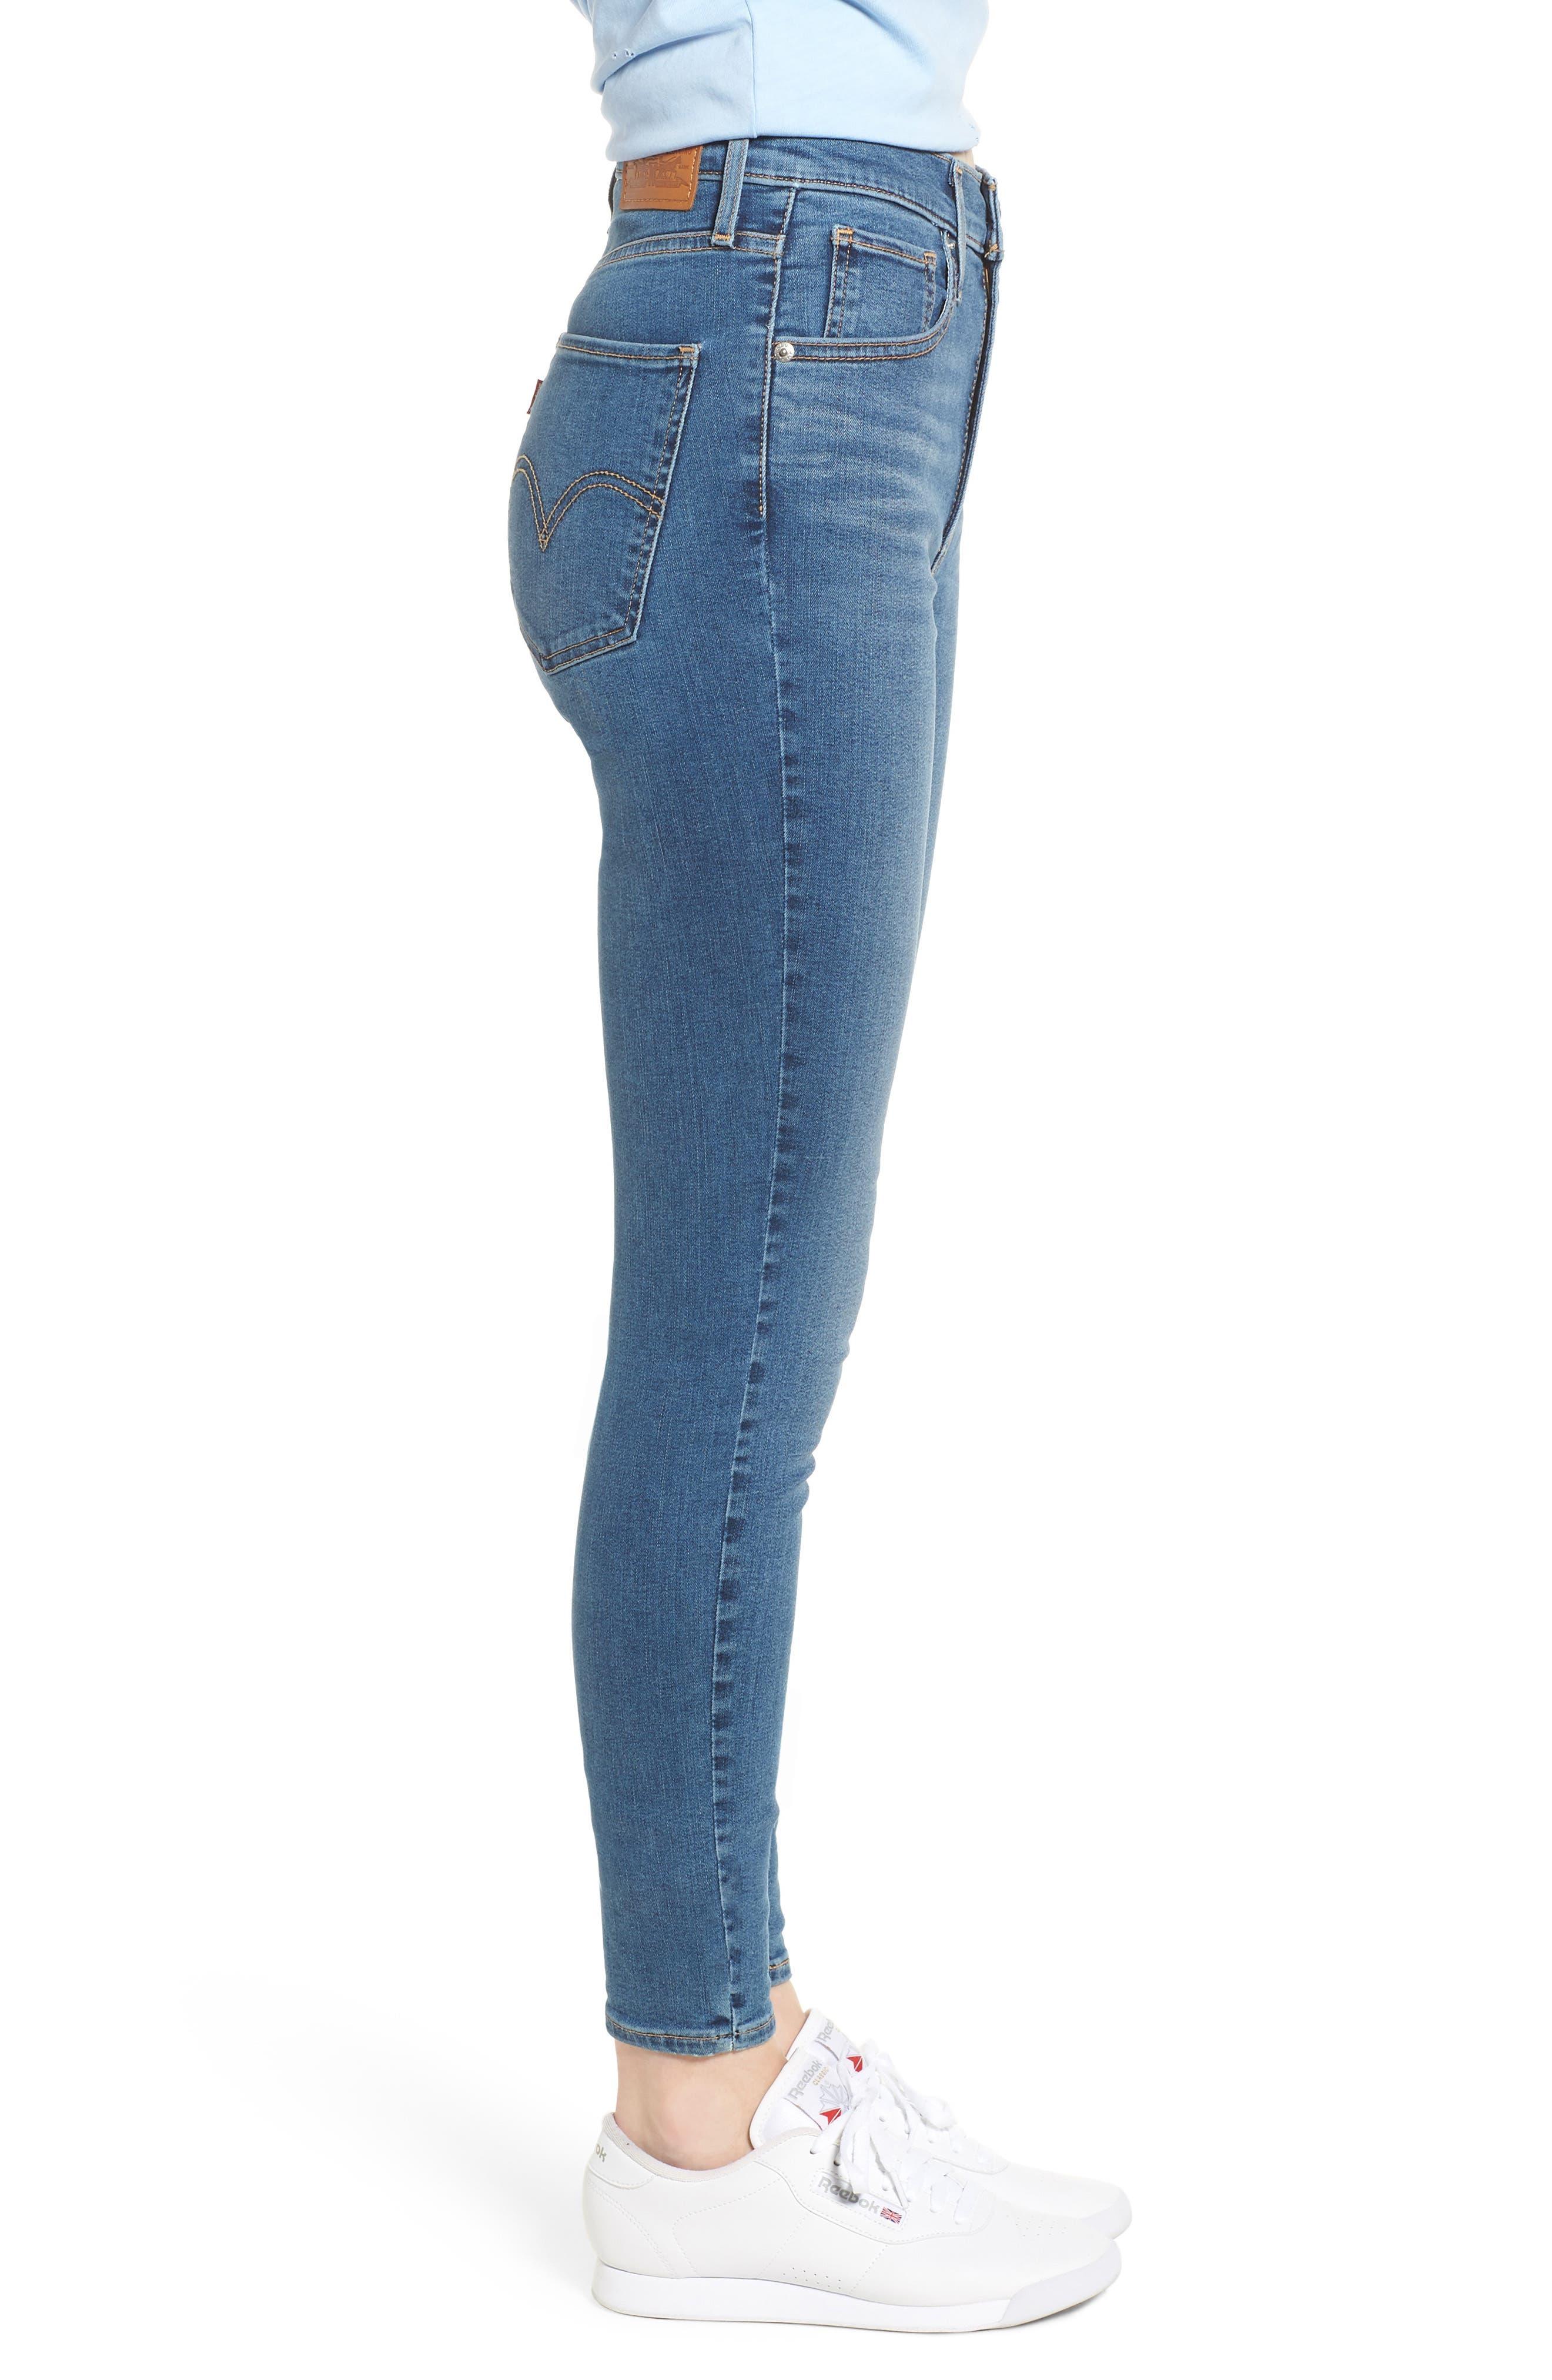 Mile High Super Skinny Jeans,                             Alternate thumbnail 3, color,                             MED BLUE 1